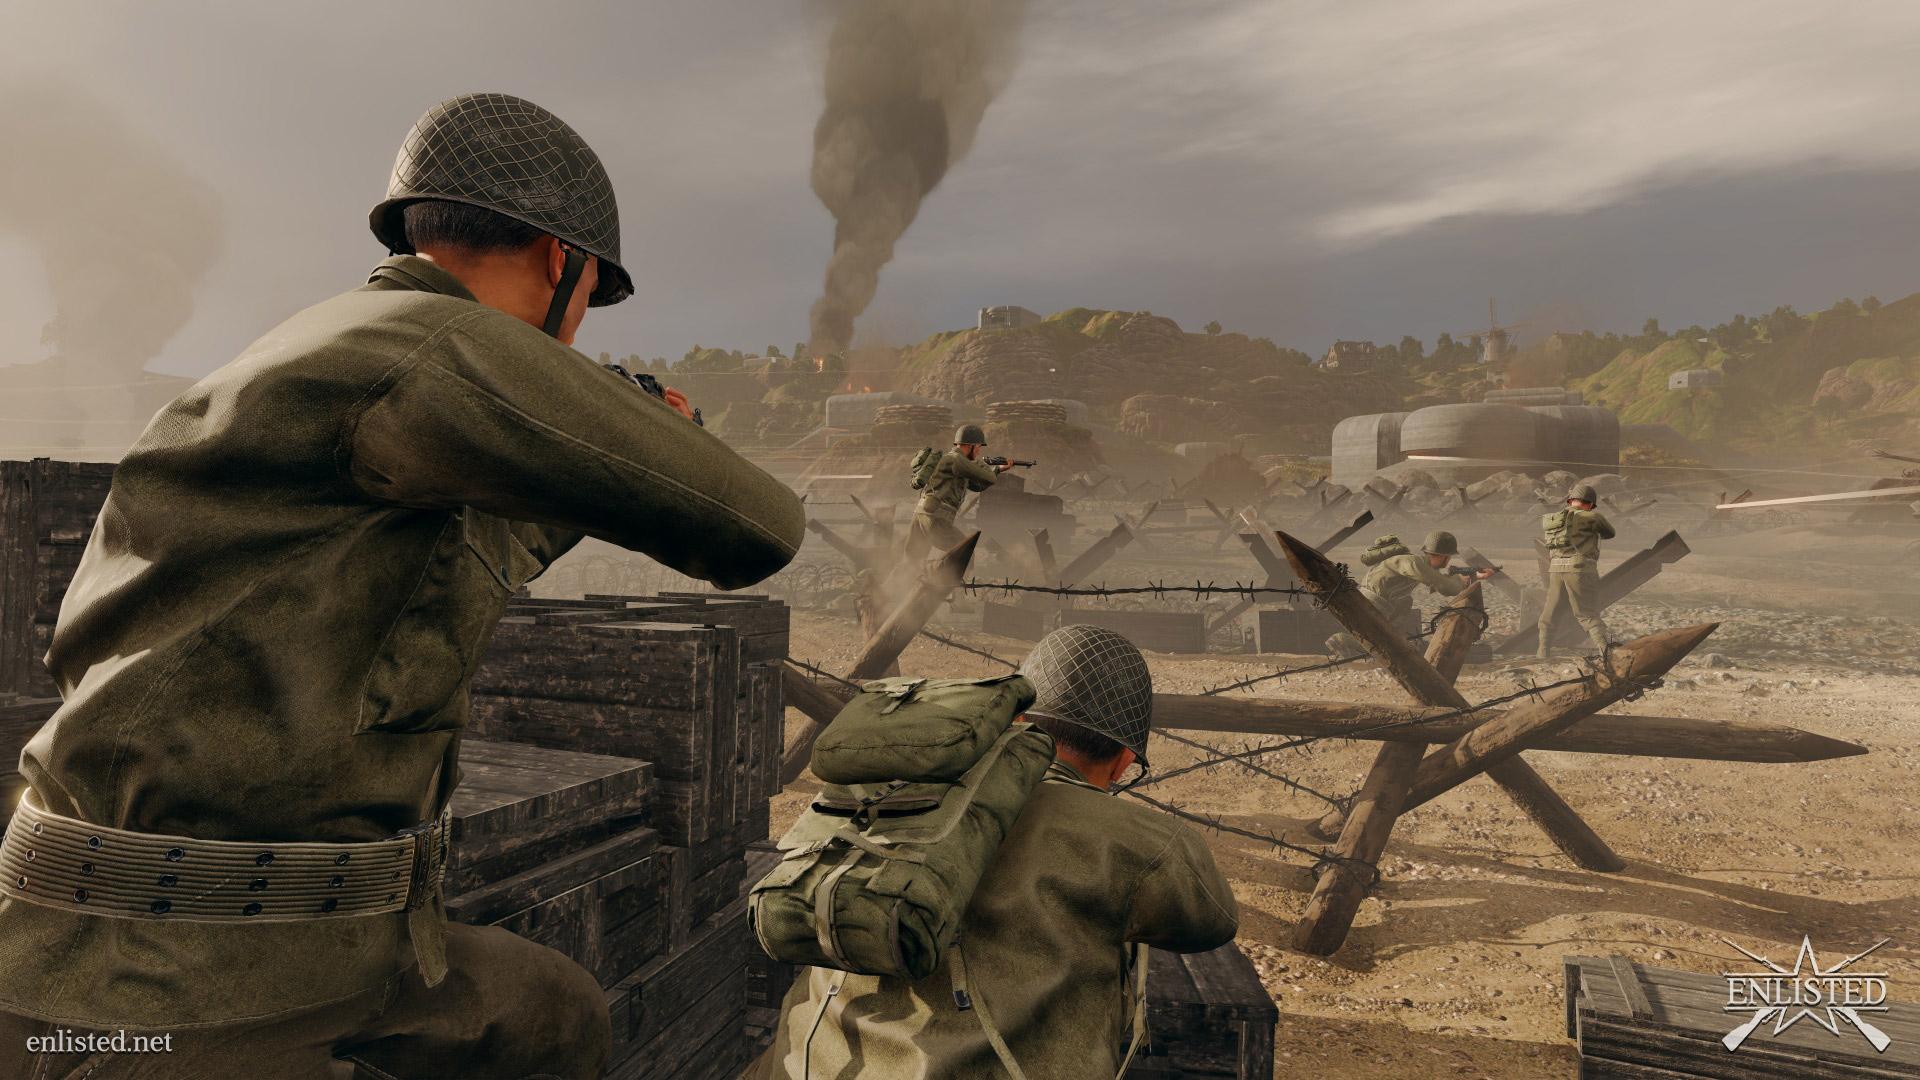 Enlisted: Battlefield als MMO? Neuer Shooter stellt Zweiten Weltkrieg in den Fokus